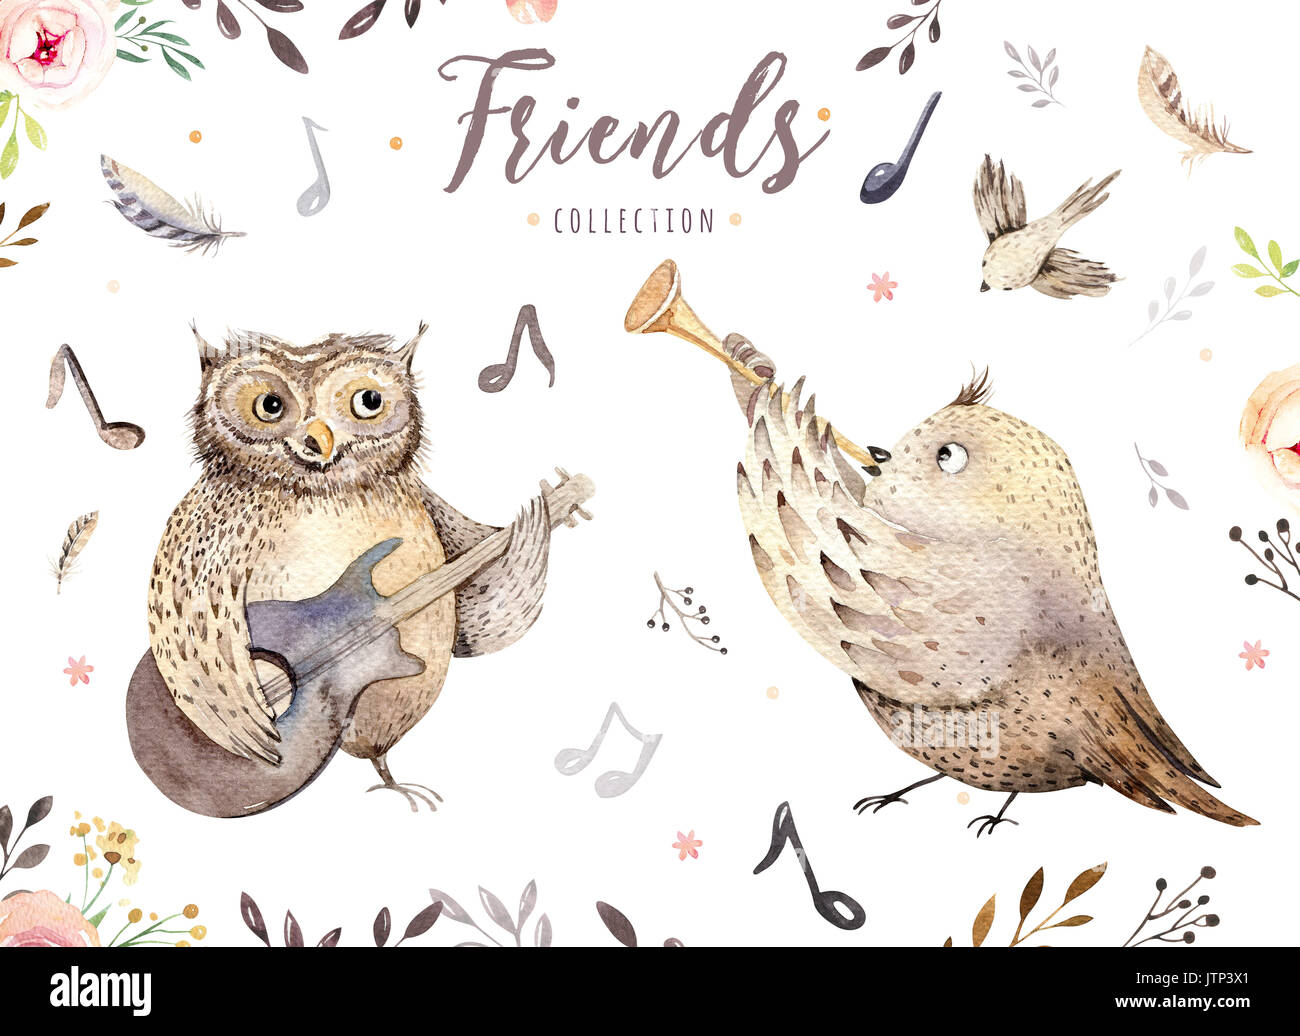 Hand Aquarell Eule Und Vogel Musik Tier Gezeichnet Boho Kinderzimmer Dekoration Abbildung Musikalische Trendy Art Perfekt Fur Stoff Design Gutar Feder